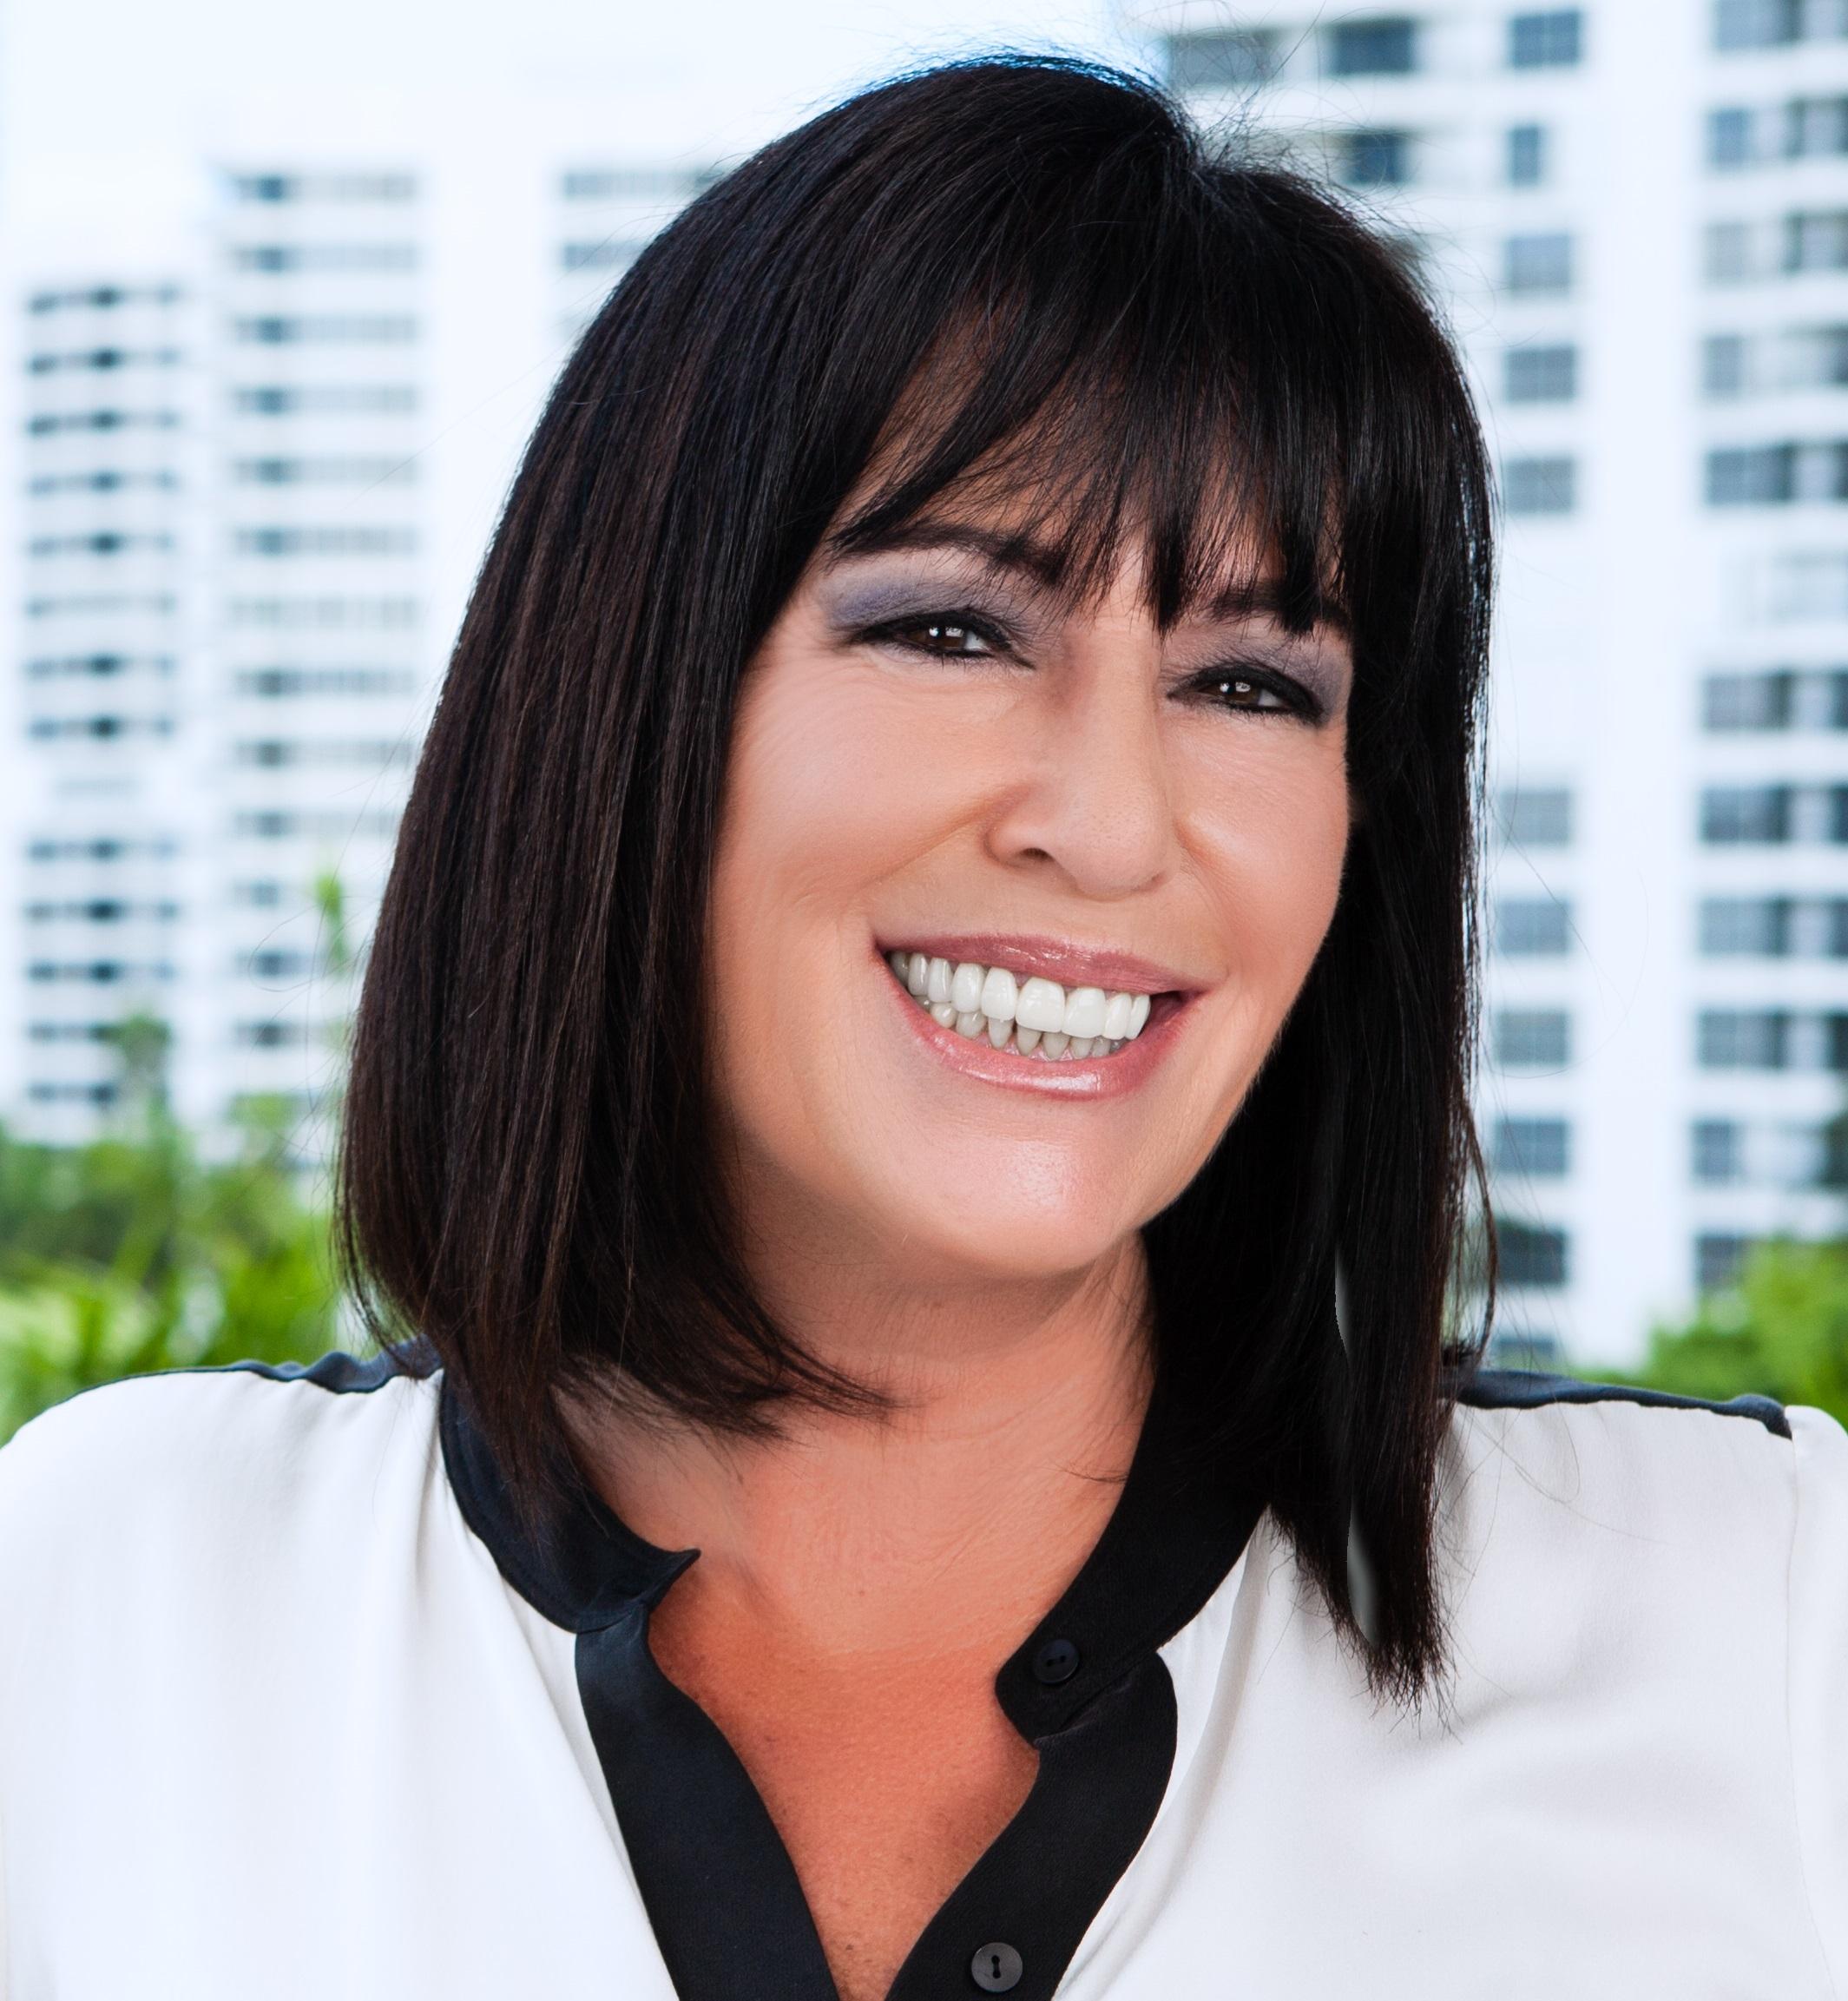 Lisa Sandler